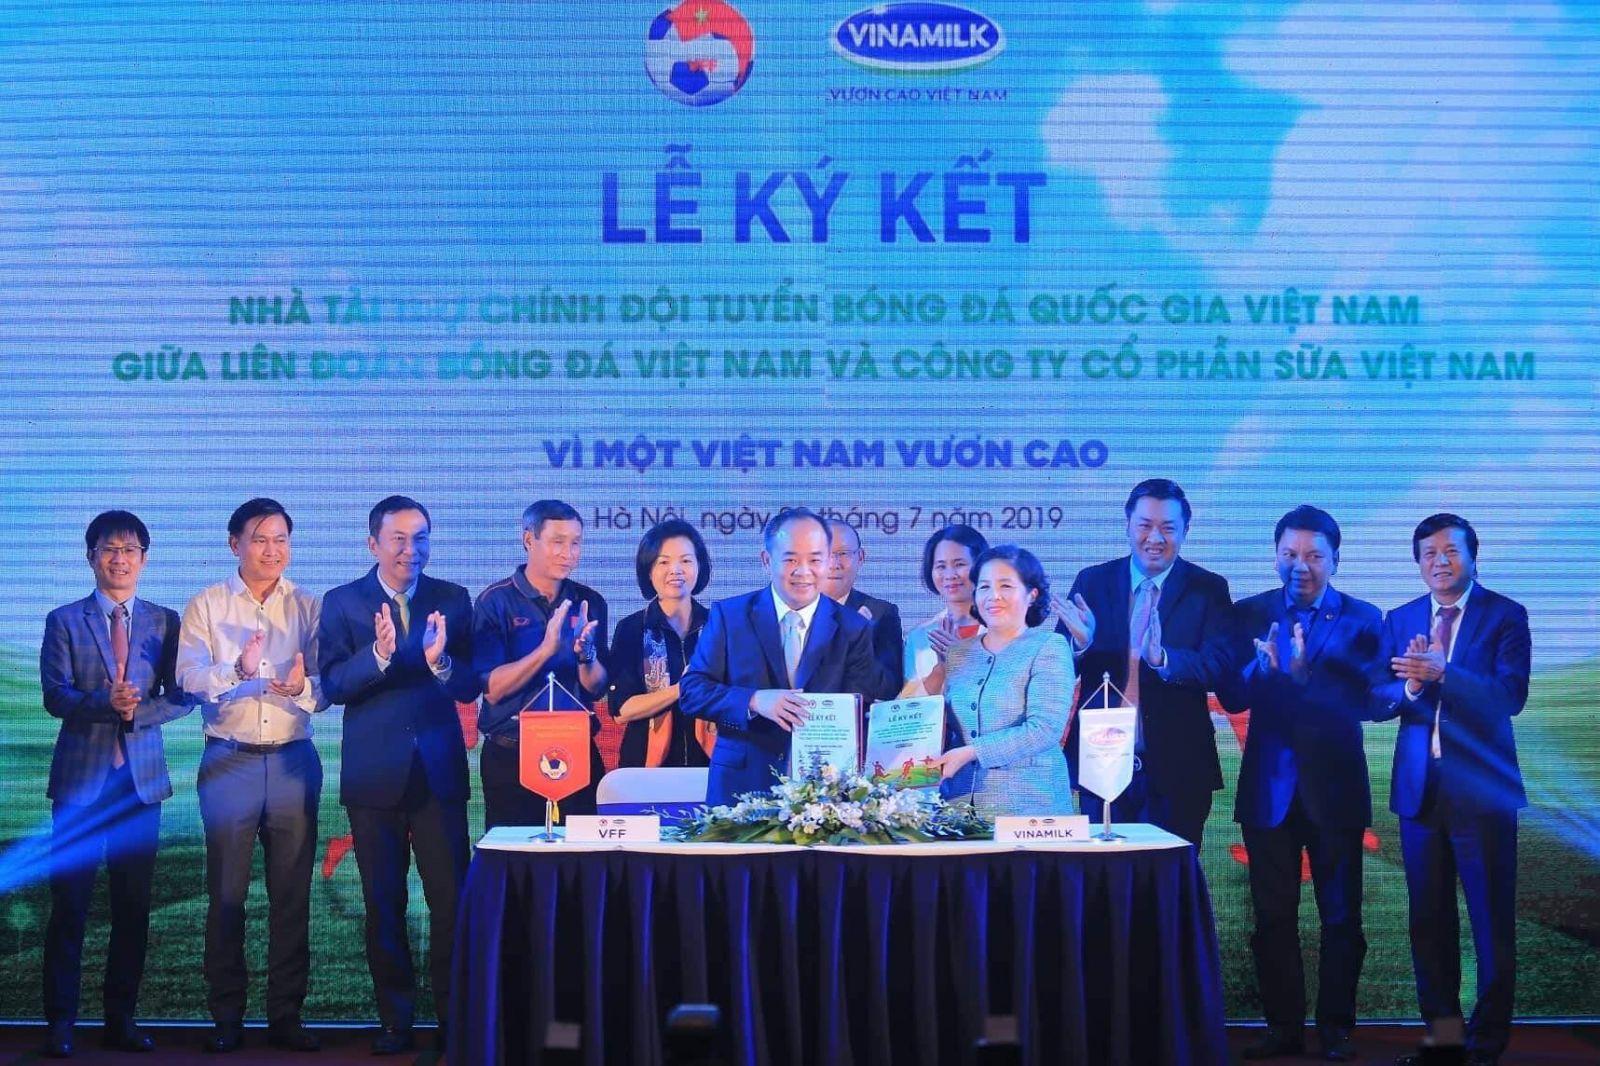 Vinamilk tài trợ chính cho Bóng đá Việt Nam: Vì một Việt Nam vươn cao